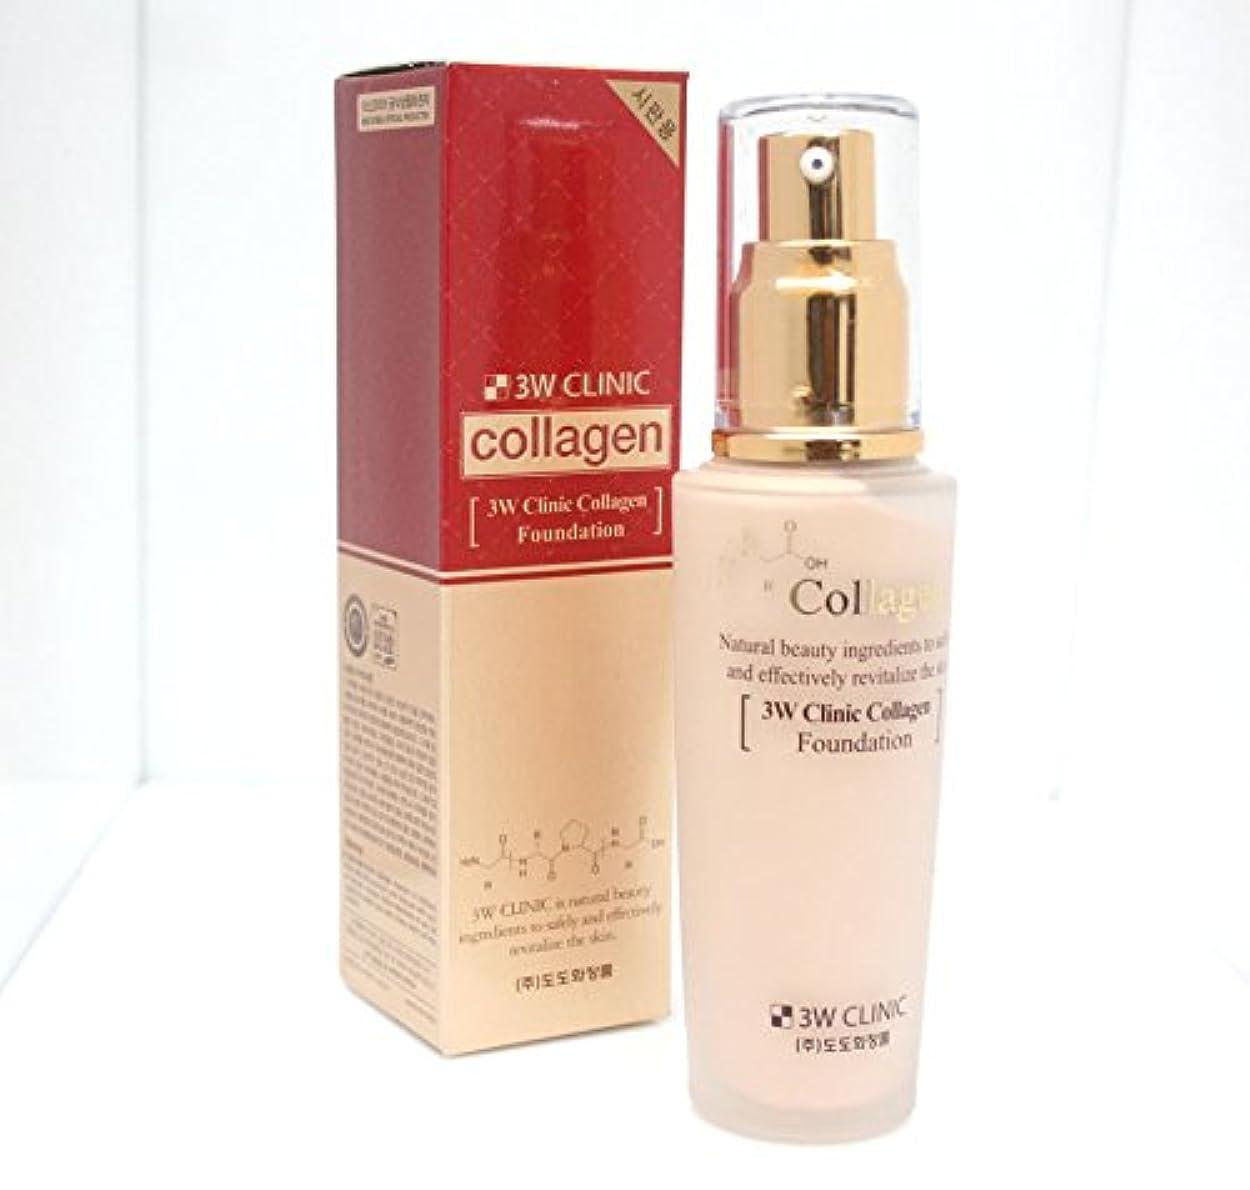 小麦マーキー織機[3w Clinic]  コラーゲンファンデーション50ml / Collagen Foundation 50ml/ パーフェクトカバーBBクリーム / 23ナチュラルベージュ / Perfect Cover BB Cream / #23 Natural Beige / 韓国化粧品 / Korean Cosmetics [並行輸入品]